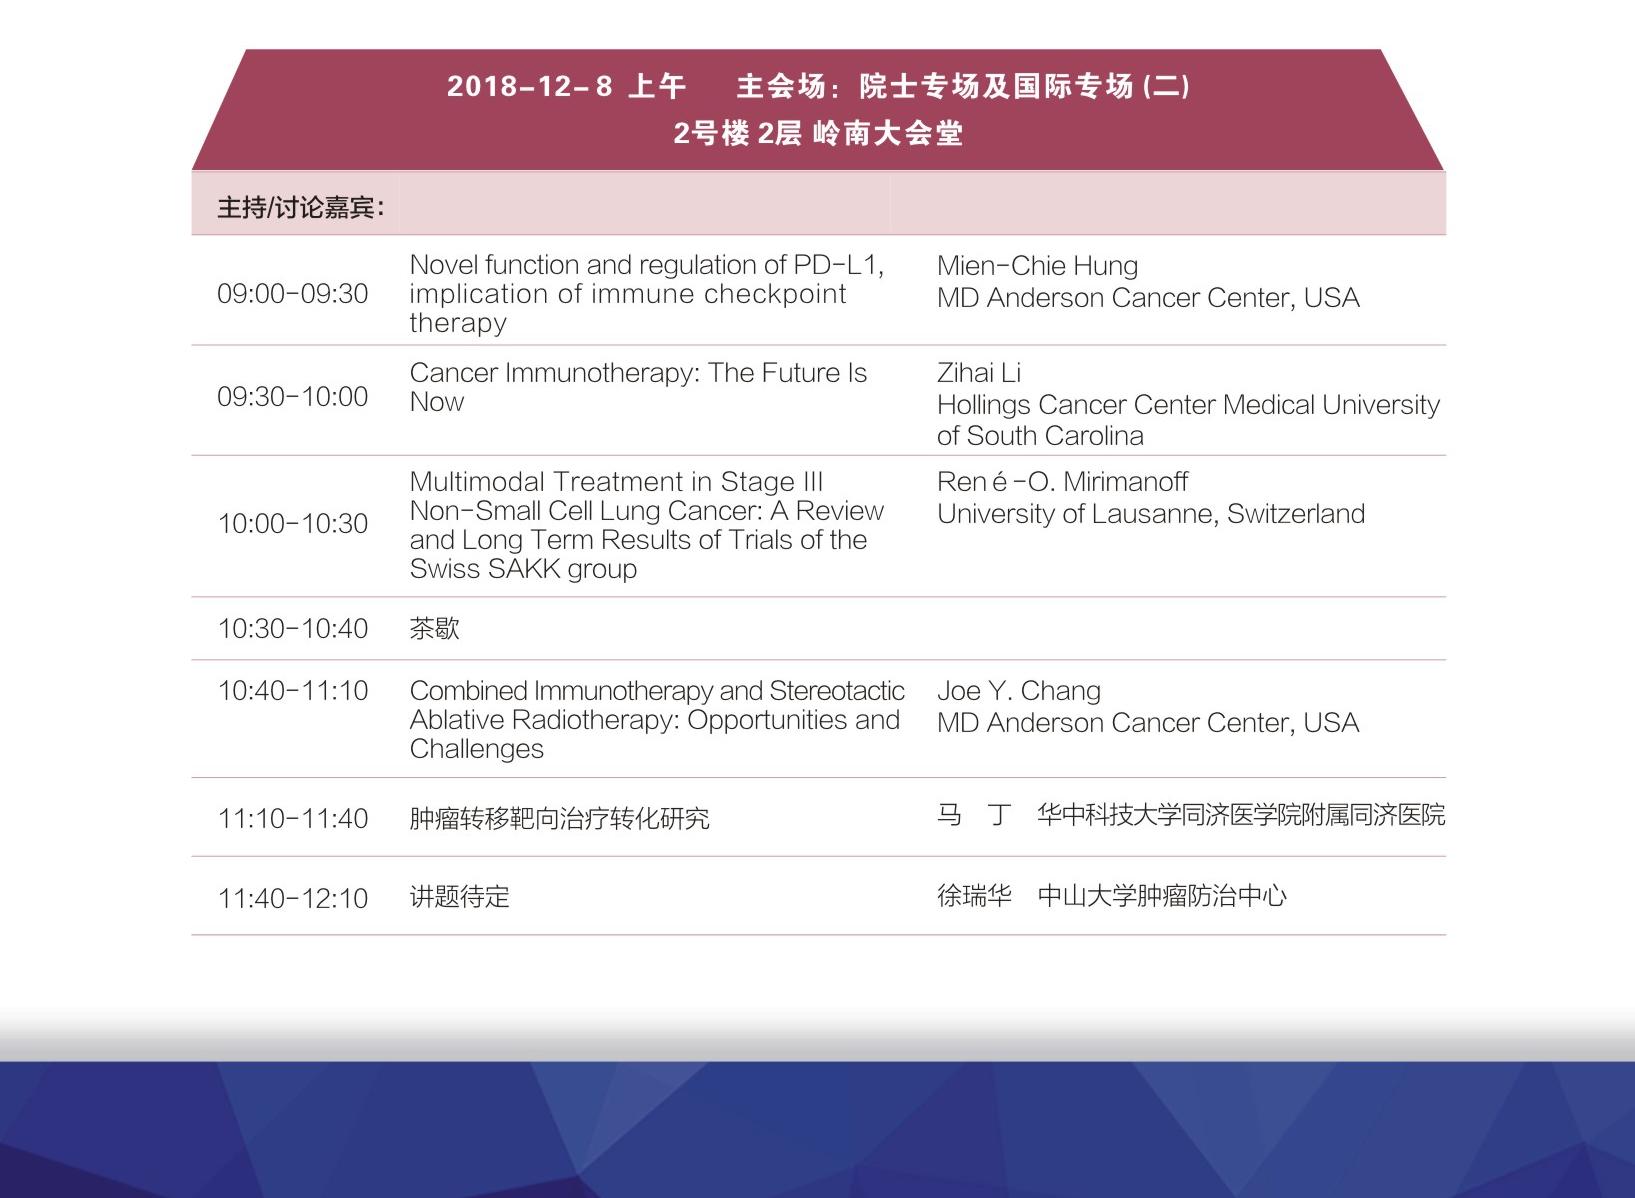 第七届广州国际肿瘤学会议通知-11-27(1)_页面_06 - 副本.png